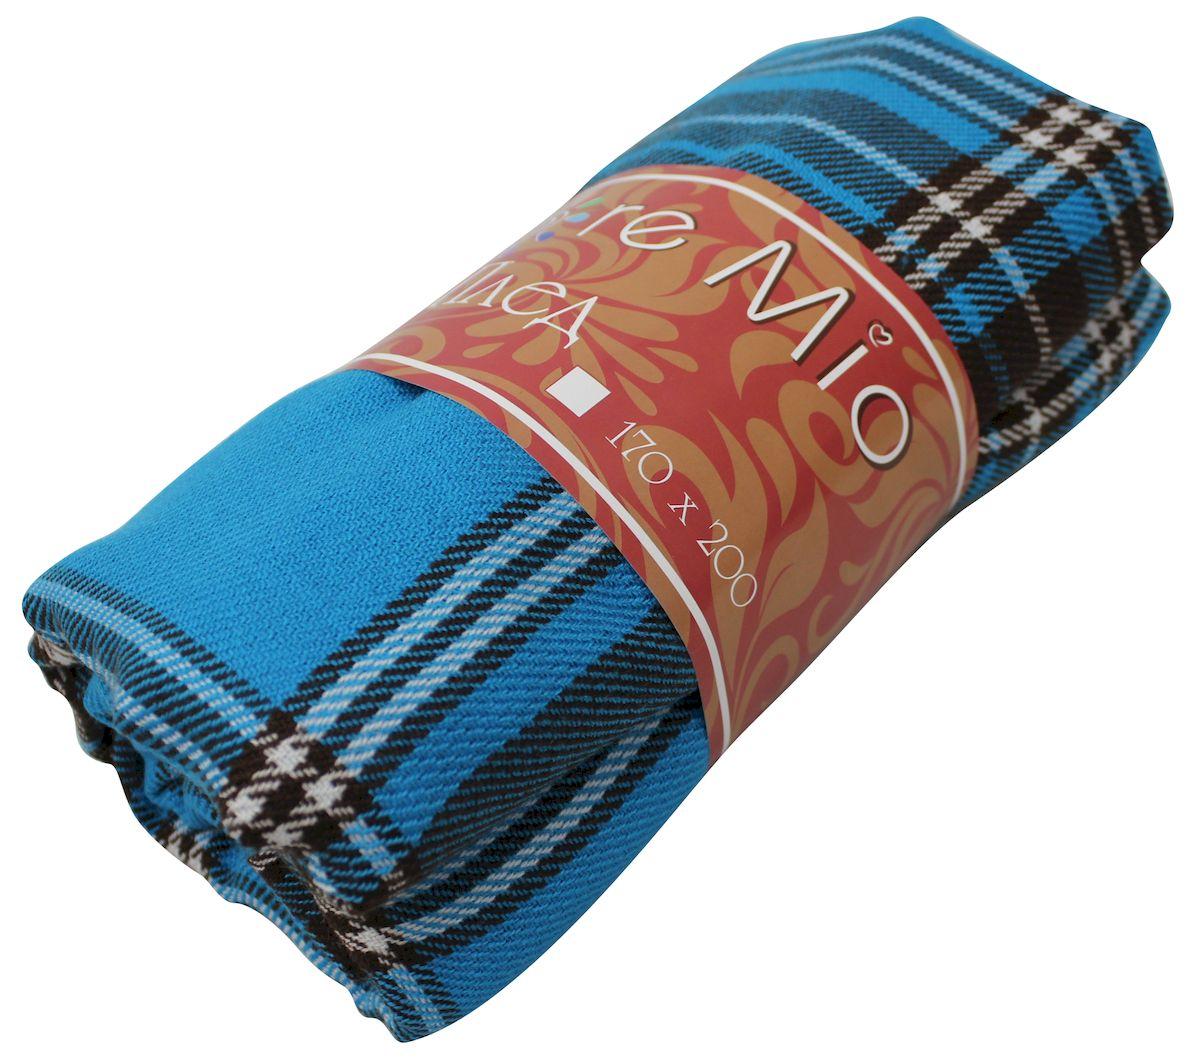 Плед Amore Mio Azure, 170х200 см78893Пледы Scotland Amore Mio – Комфорт и Уют - Каждый день! Amore Mio-Разнообразие ярких и современных дизайнов прослужат не один год и всегда будут радовать Вас и Ваших близких сочностью красок и красивым рисунком. Пледы Amore Mio подарят Вам нежность жаркими летними ночами, теплоту и комфорт прохладными зимними вечерами. Пледы Scotland Amore Mio - легкое, универсальное тканое изделие, с кистями. Пряжей для выработки послужил 100% Акрил. Не зря в народе за акрилом закрепилось имя искусственной шерсти. Потому что акриловое волокно великолепно удерживает тепло, оно практично и долговечно. Еще одно преимущество - в цене, так как по факту акрил значительно дешевле натуральной шерсти.